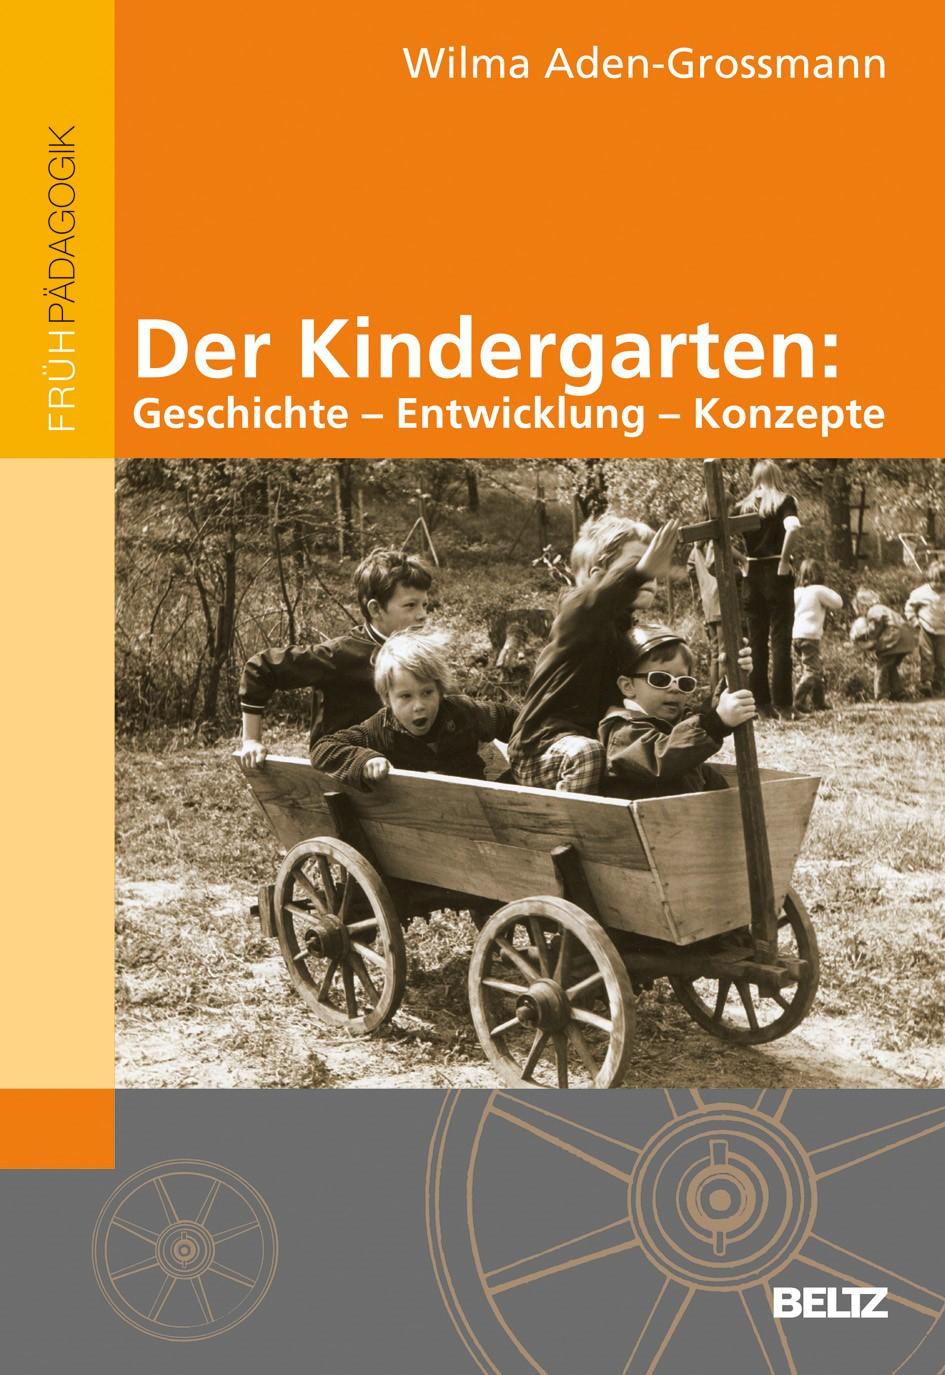 Abbildung von Aden-Grossmann | Der Kindergarten: Geschichte - Entwicklung - Konzepte | 2011